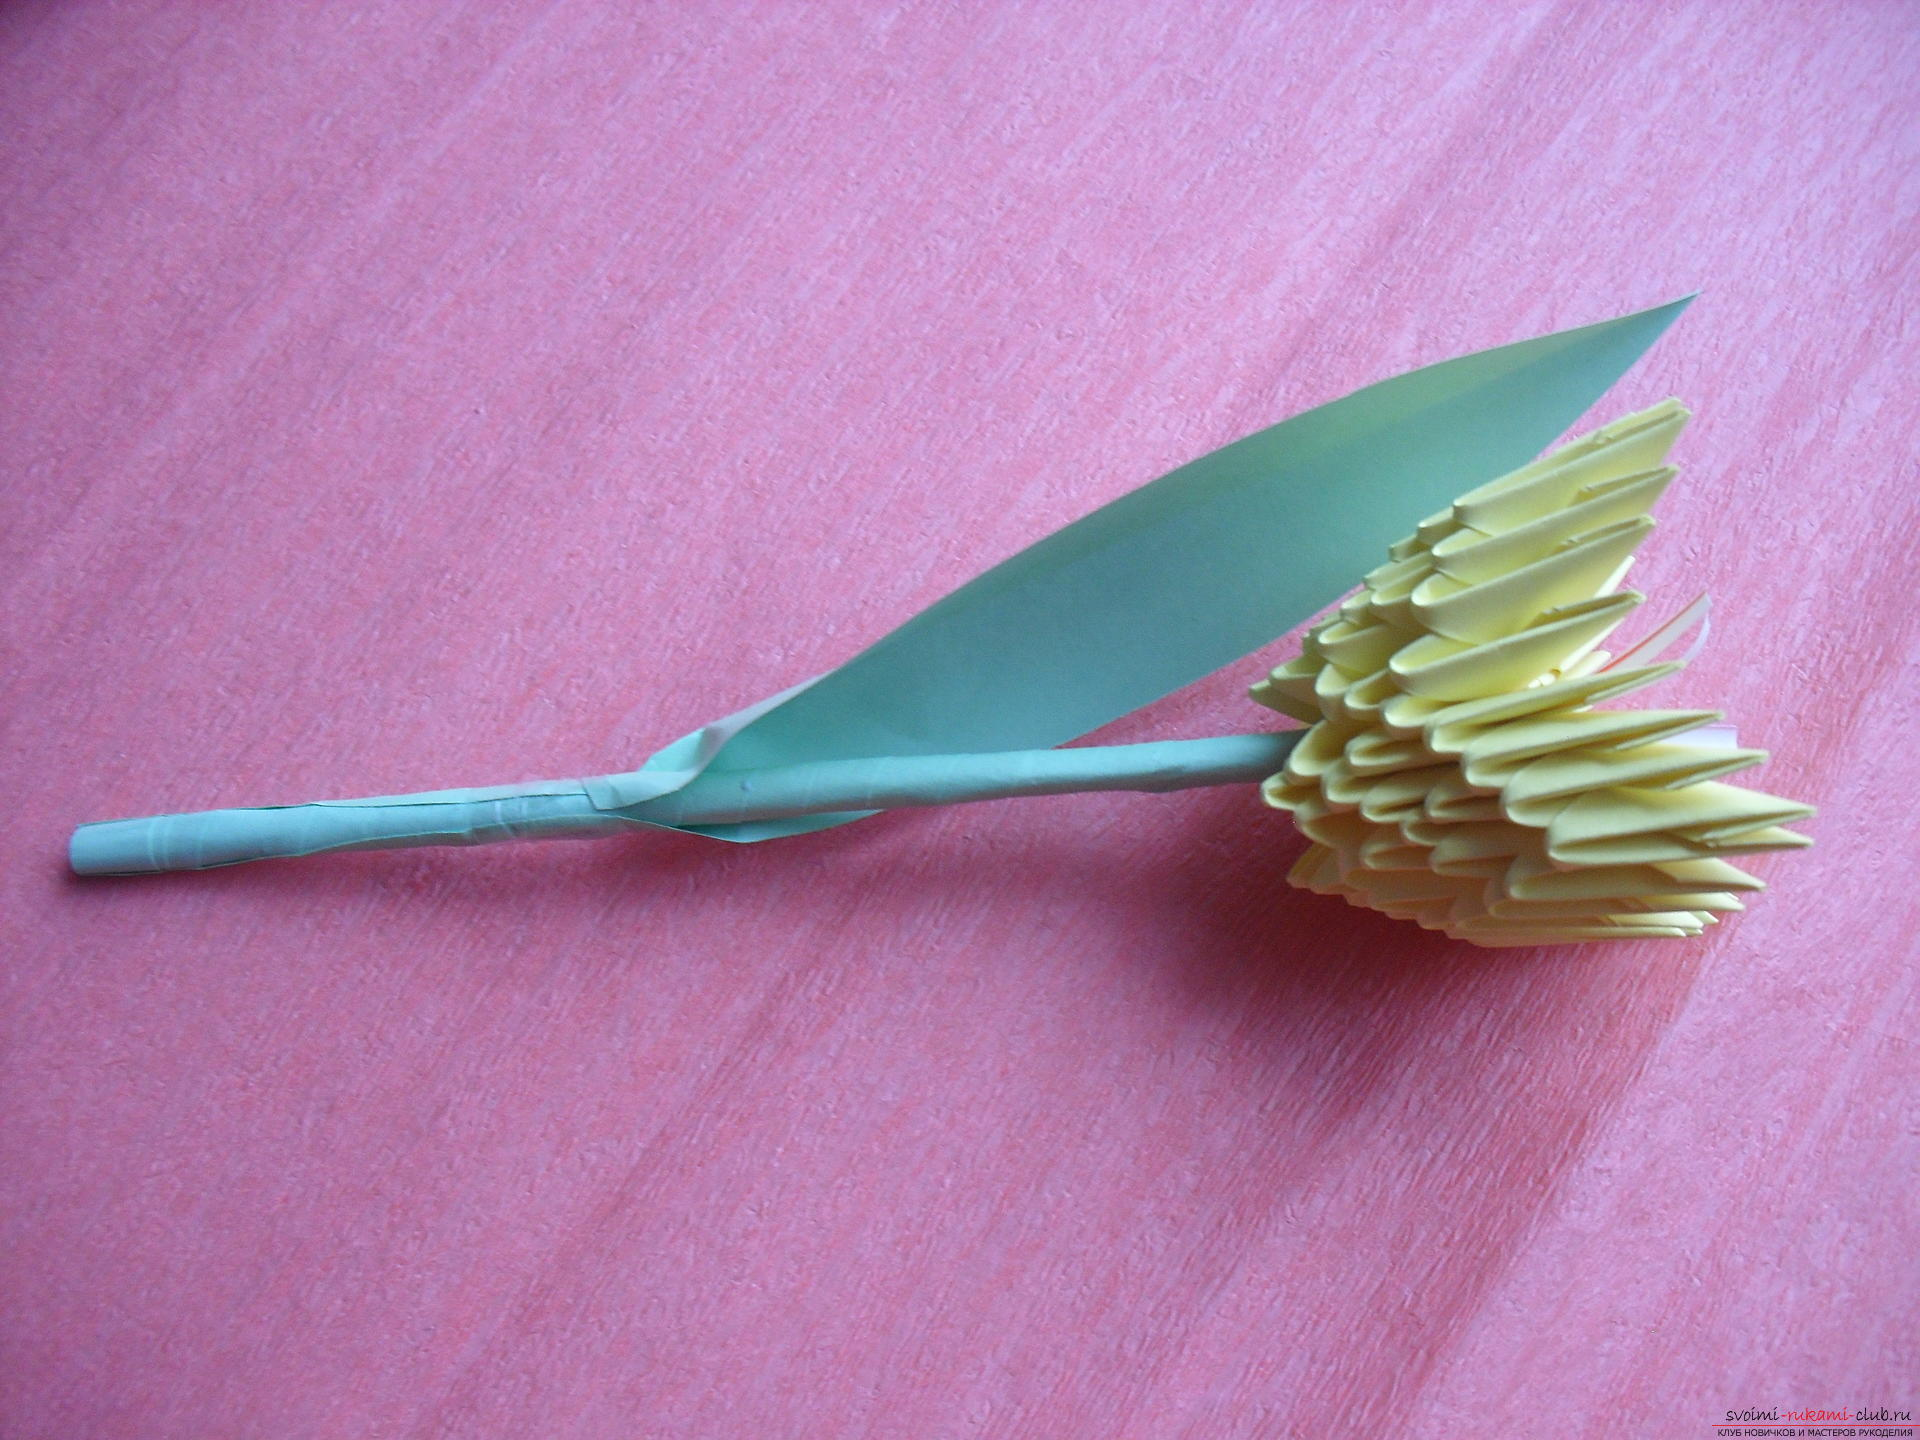 Этот мастер-класс научит как сделать вазу с тюльпанами из бумаги в технике модульного оригами.. Фото №23